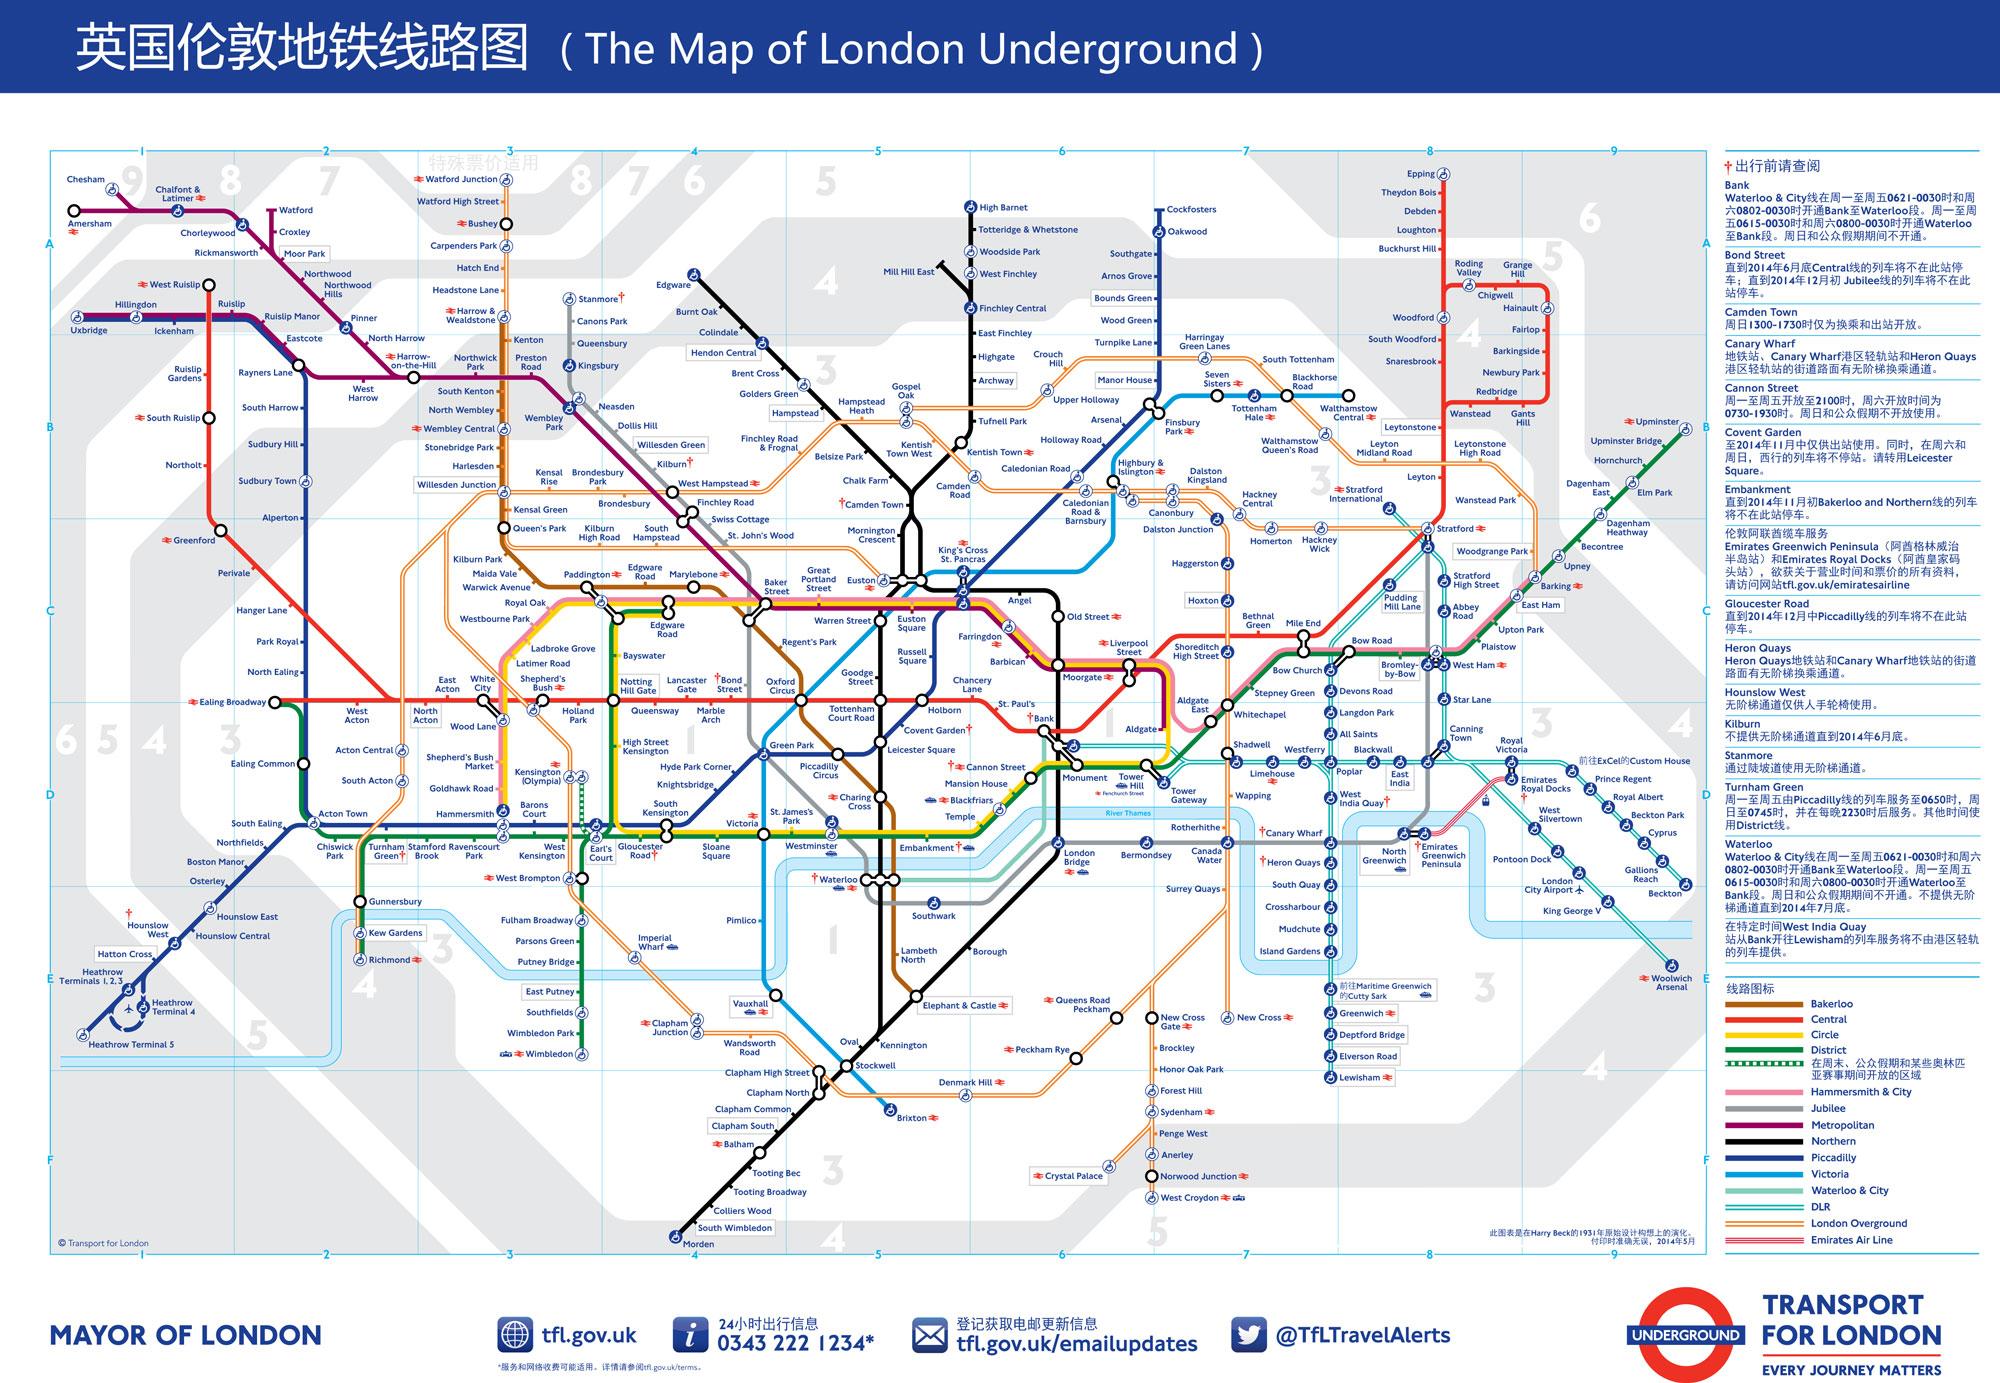 世界最早的地铁如何在伦敦建成 老鼠洞 查尔斯·皮尔逊 交通 伦敦地铁 英国伦敦 轨道知识  第9张